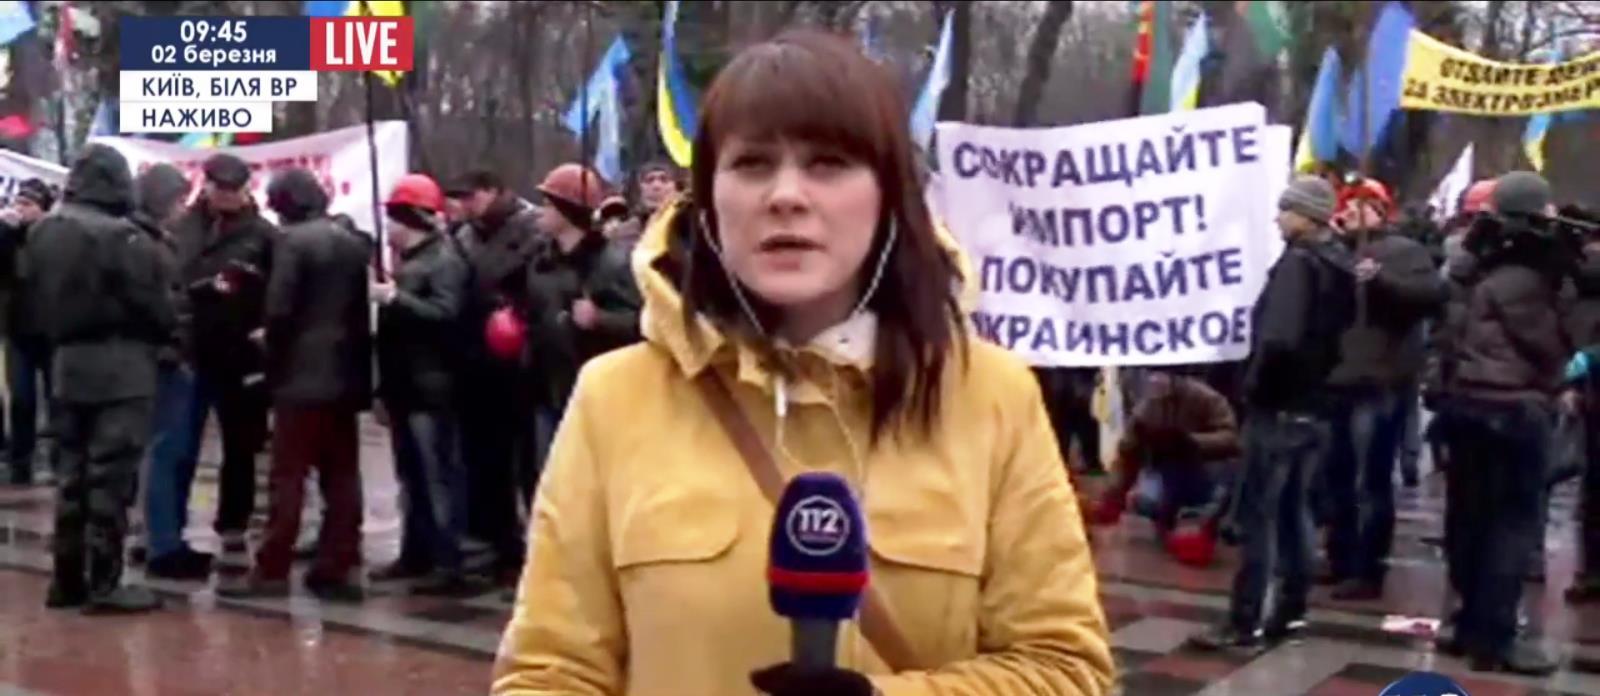 Как стало известно агентству «Урал-пресс-информ» из официальных сообщений, митингующие требуют от